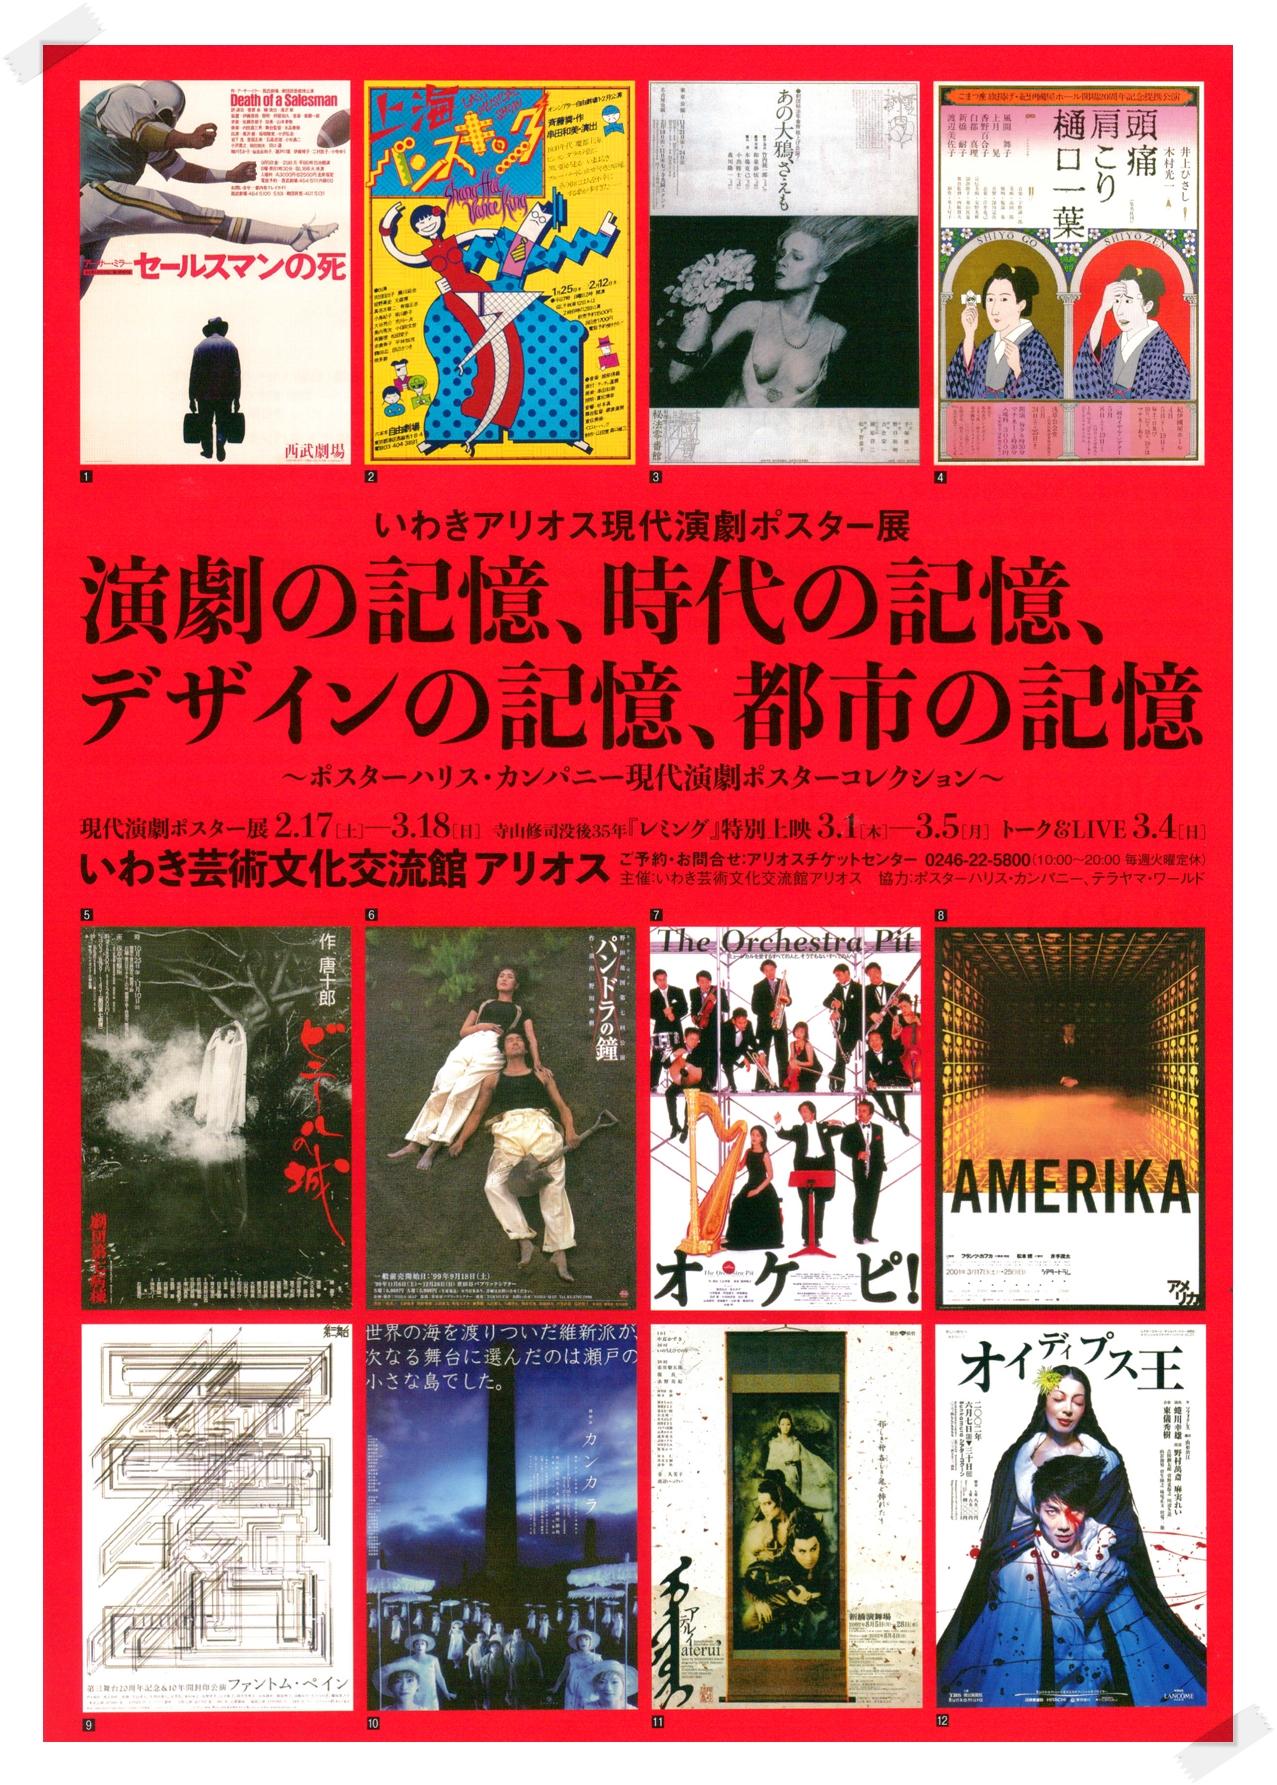 いわきアリオス現代演劇ポスター展「演劇の記憶、時代の記憶、デザインの記憶、都市の記憶」開催中! [平成30年2月26日(月)更新]1